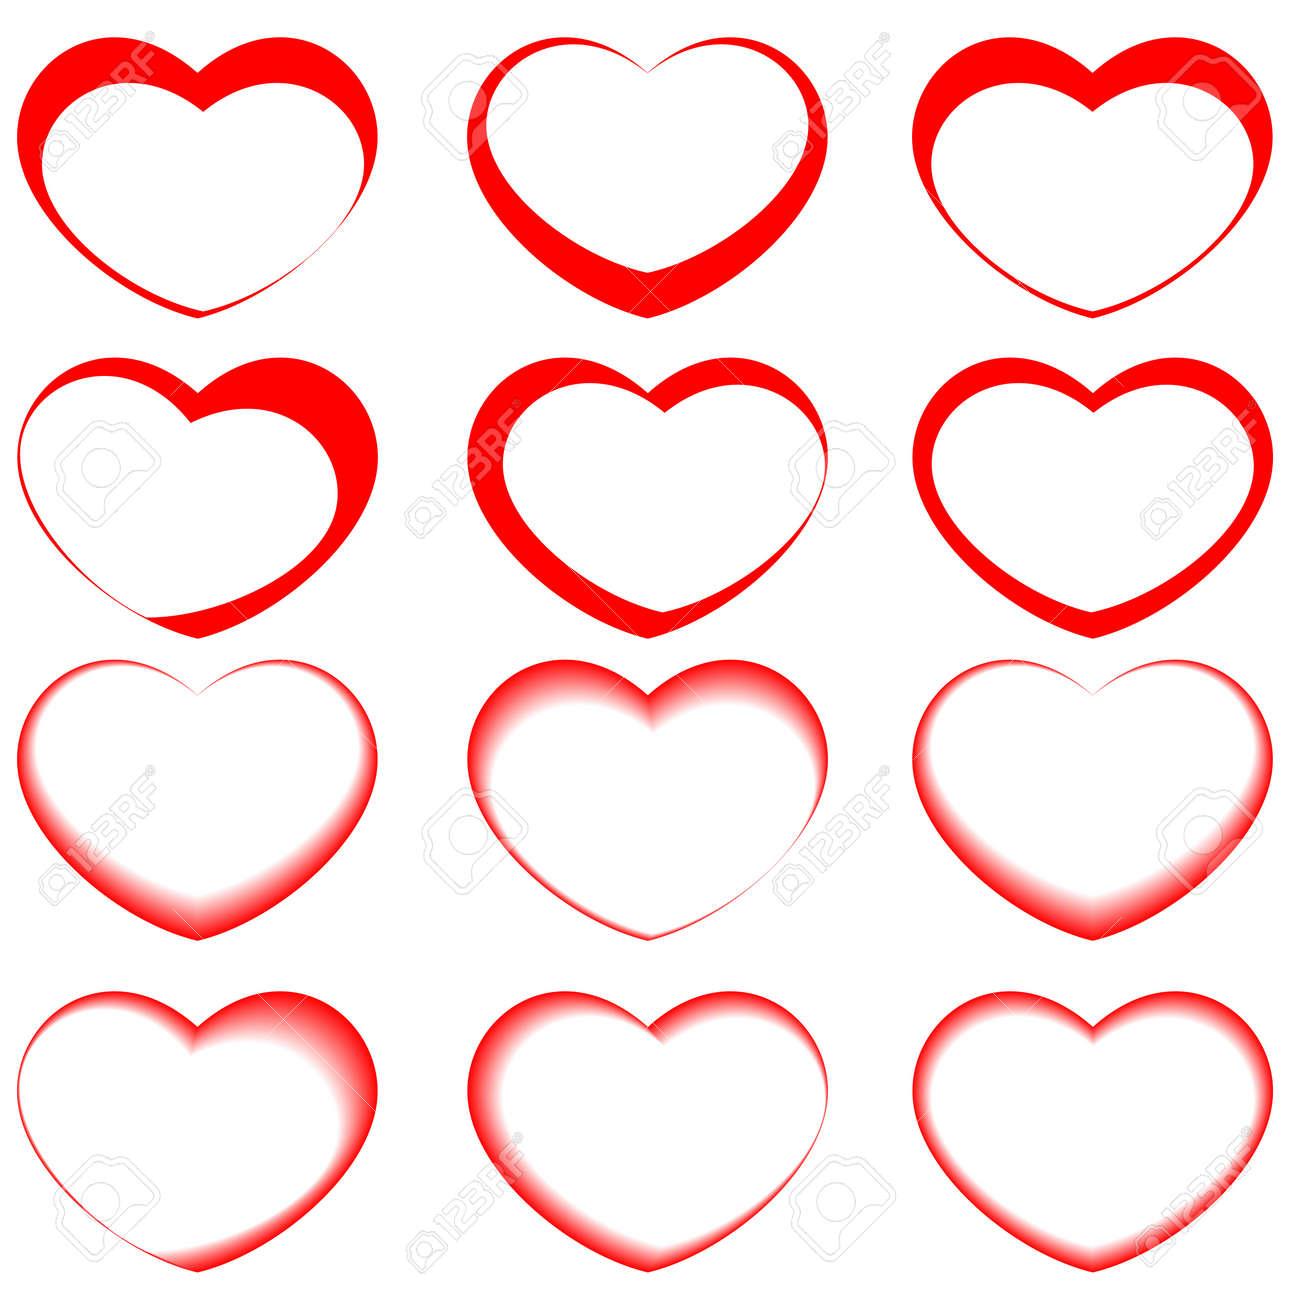 Vector hearts symbols royalty free cliparts vectors and stock vector hearts symbols stock vector 11918696 biocorpaavc